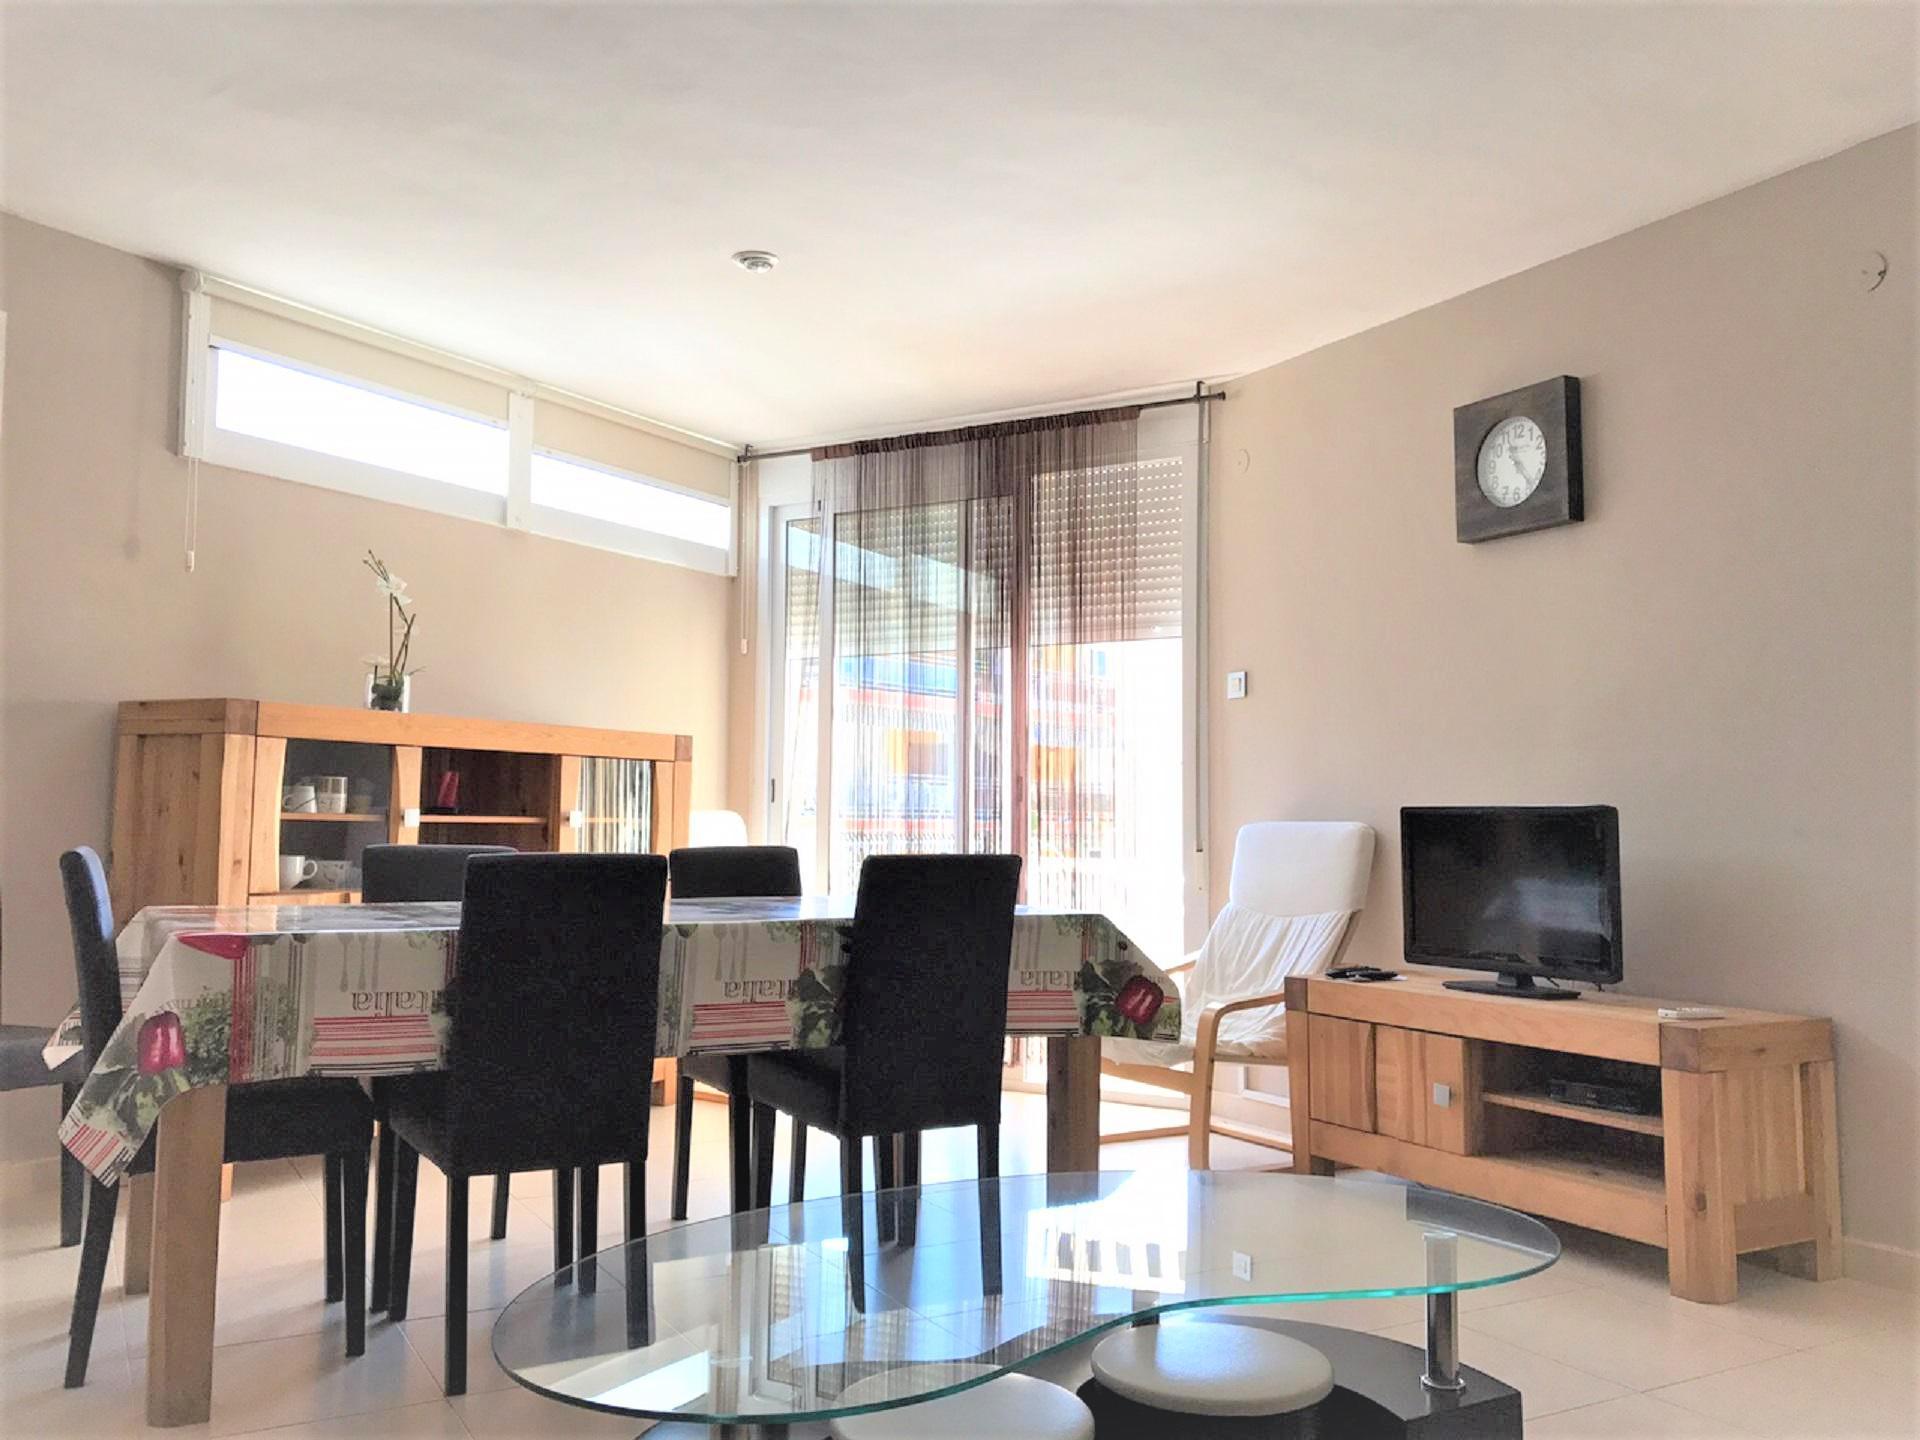 Apartament -                                       Cambrils -                                       2 dormitoris -                                       5 ocupants